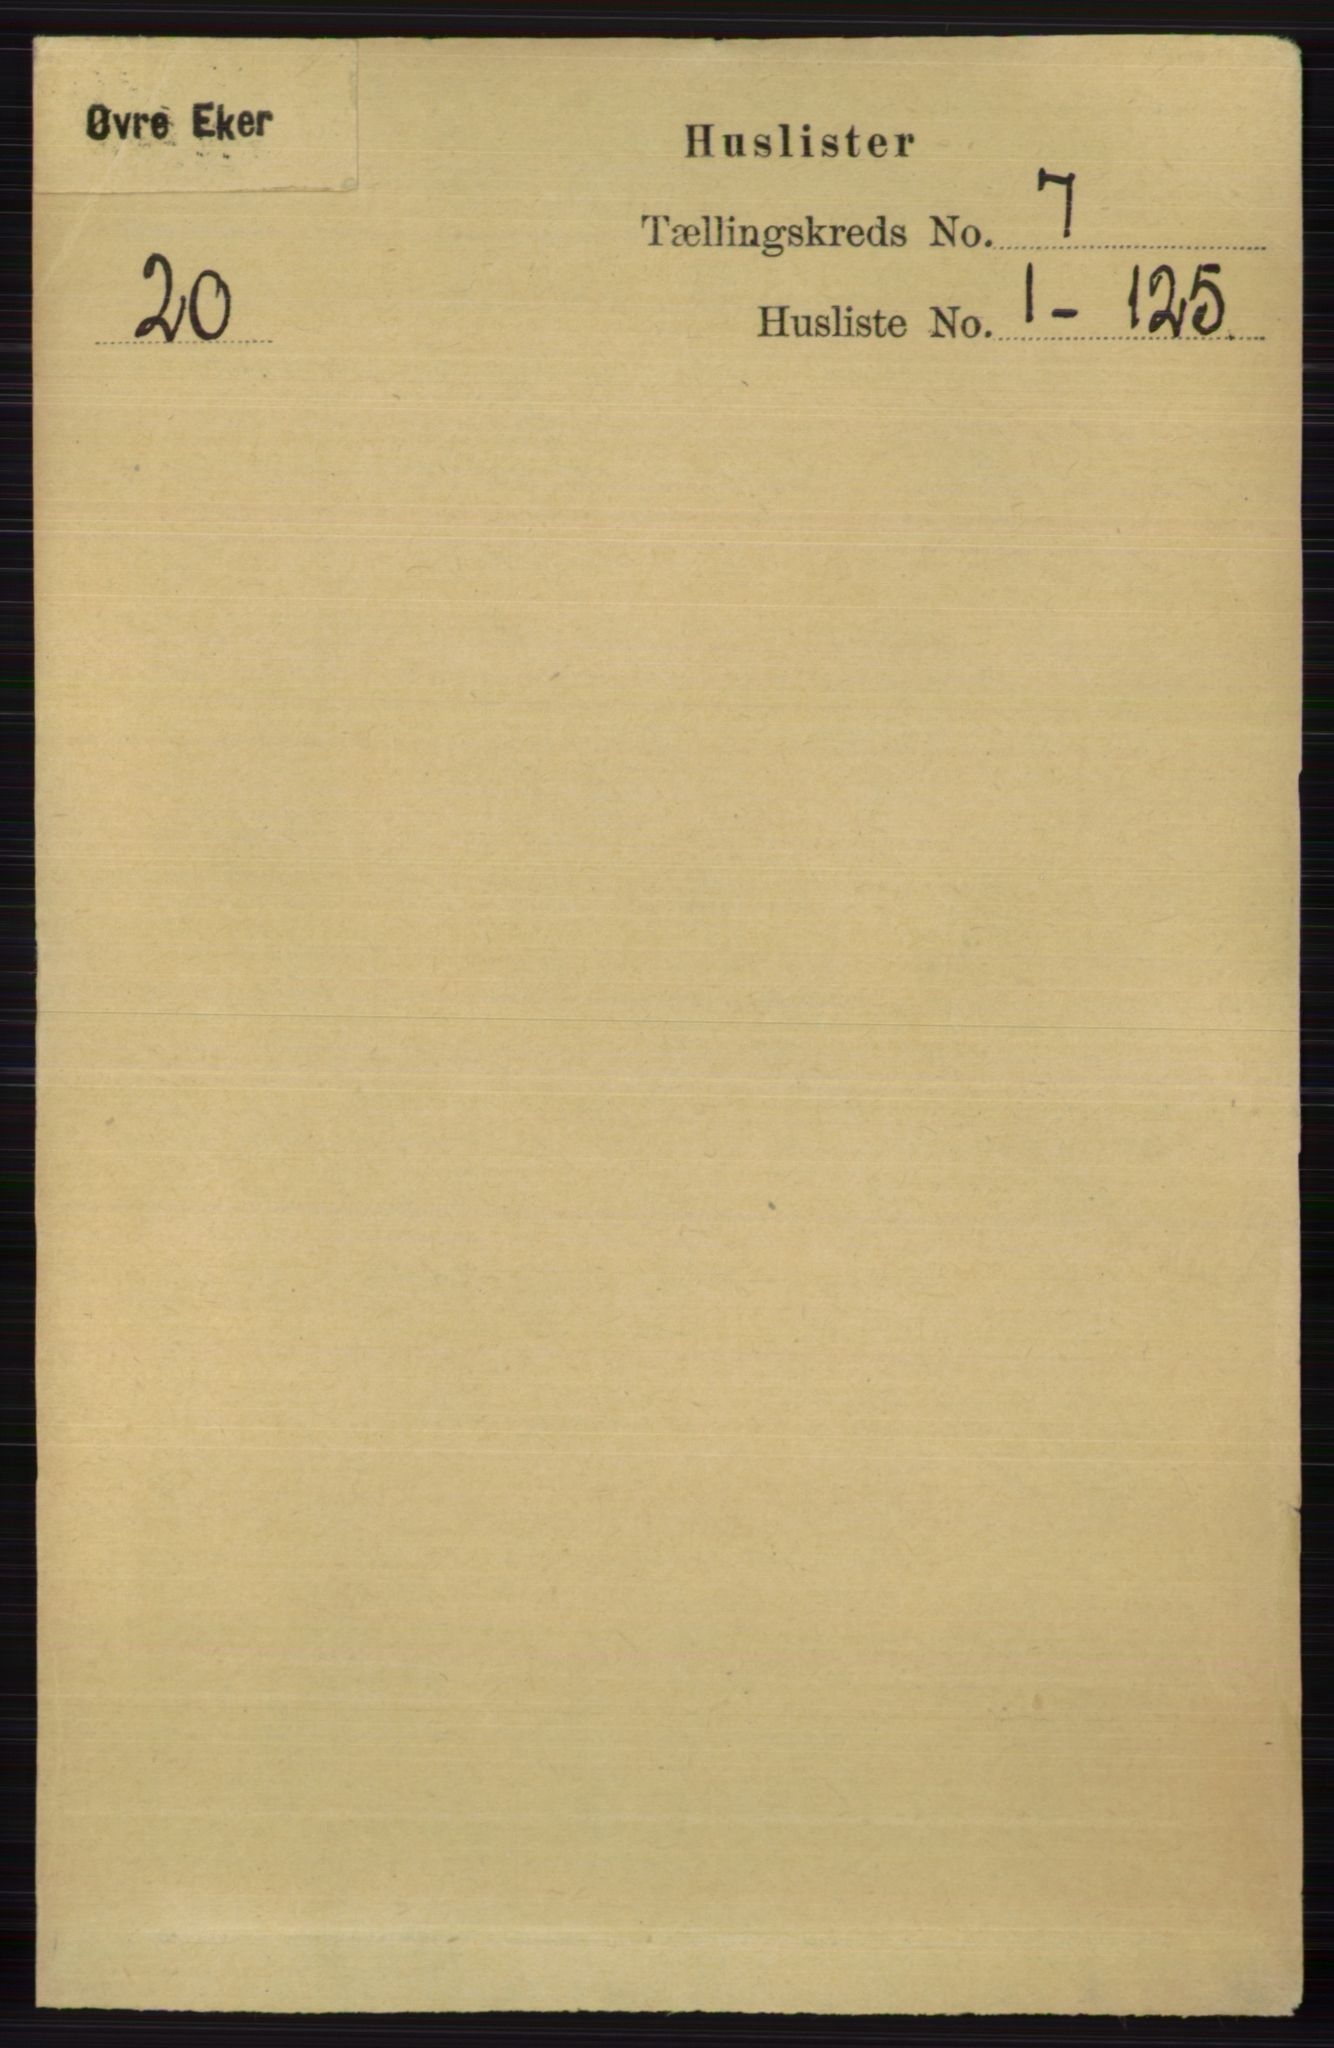 RA, Folketelling 1891 for 0624 Øvre Eiker herred, 1891, s. 2539